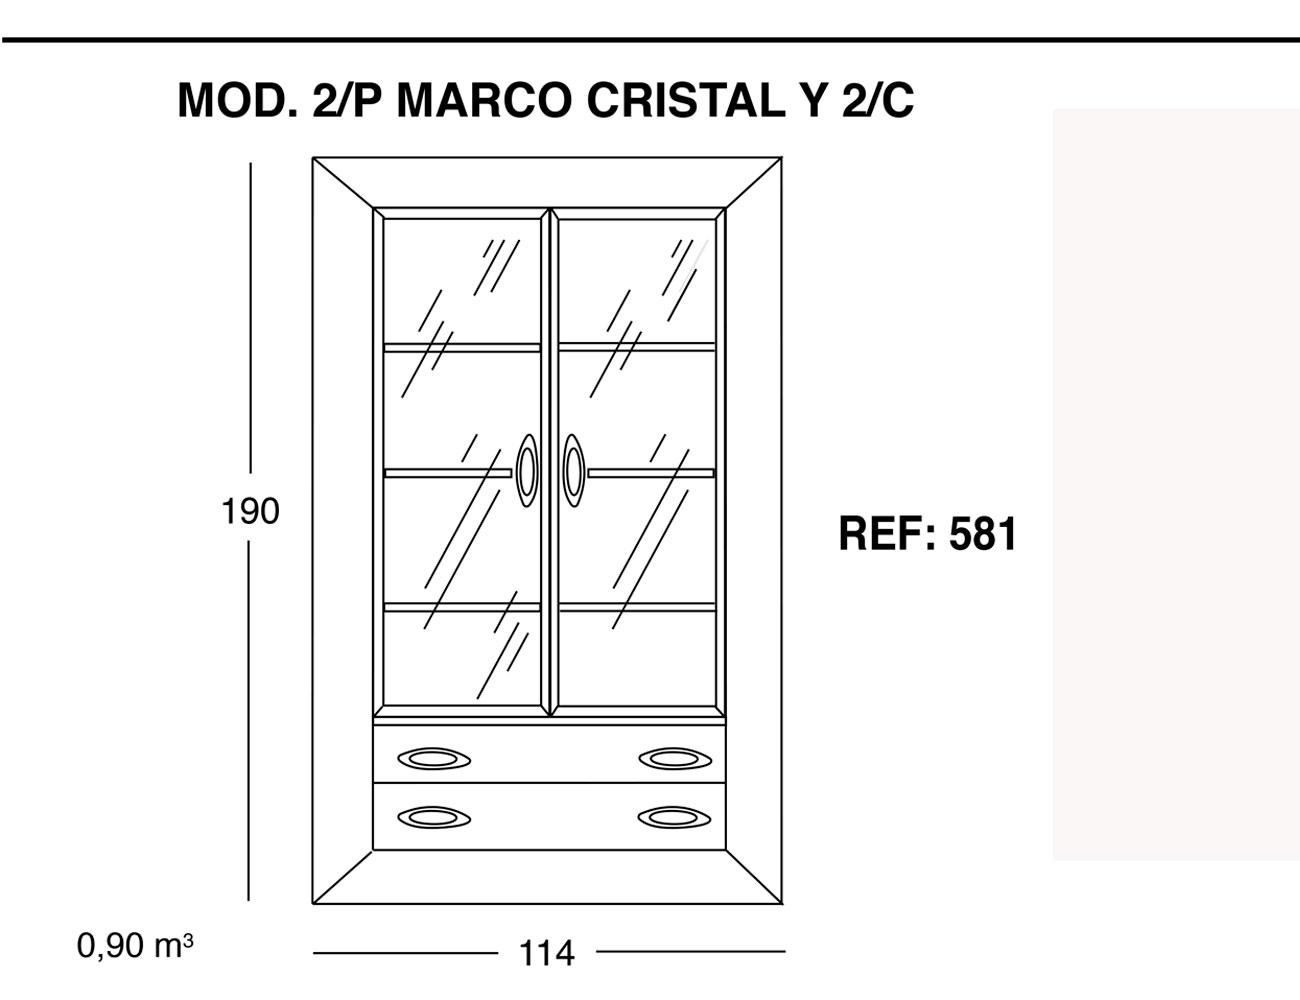 Modulo 2 puertas marco cristal 2 cajones 190 114